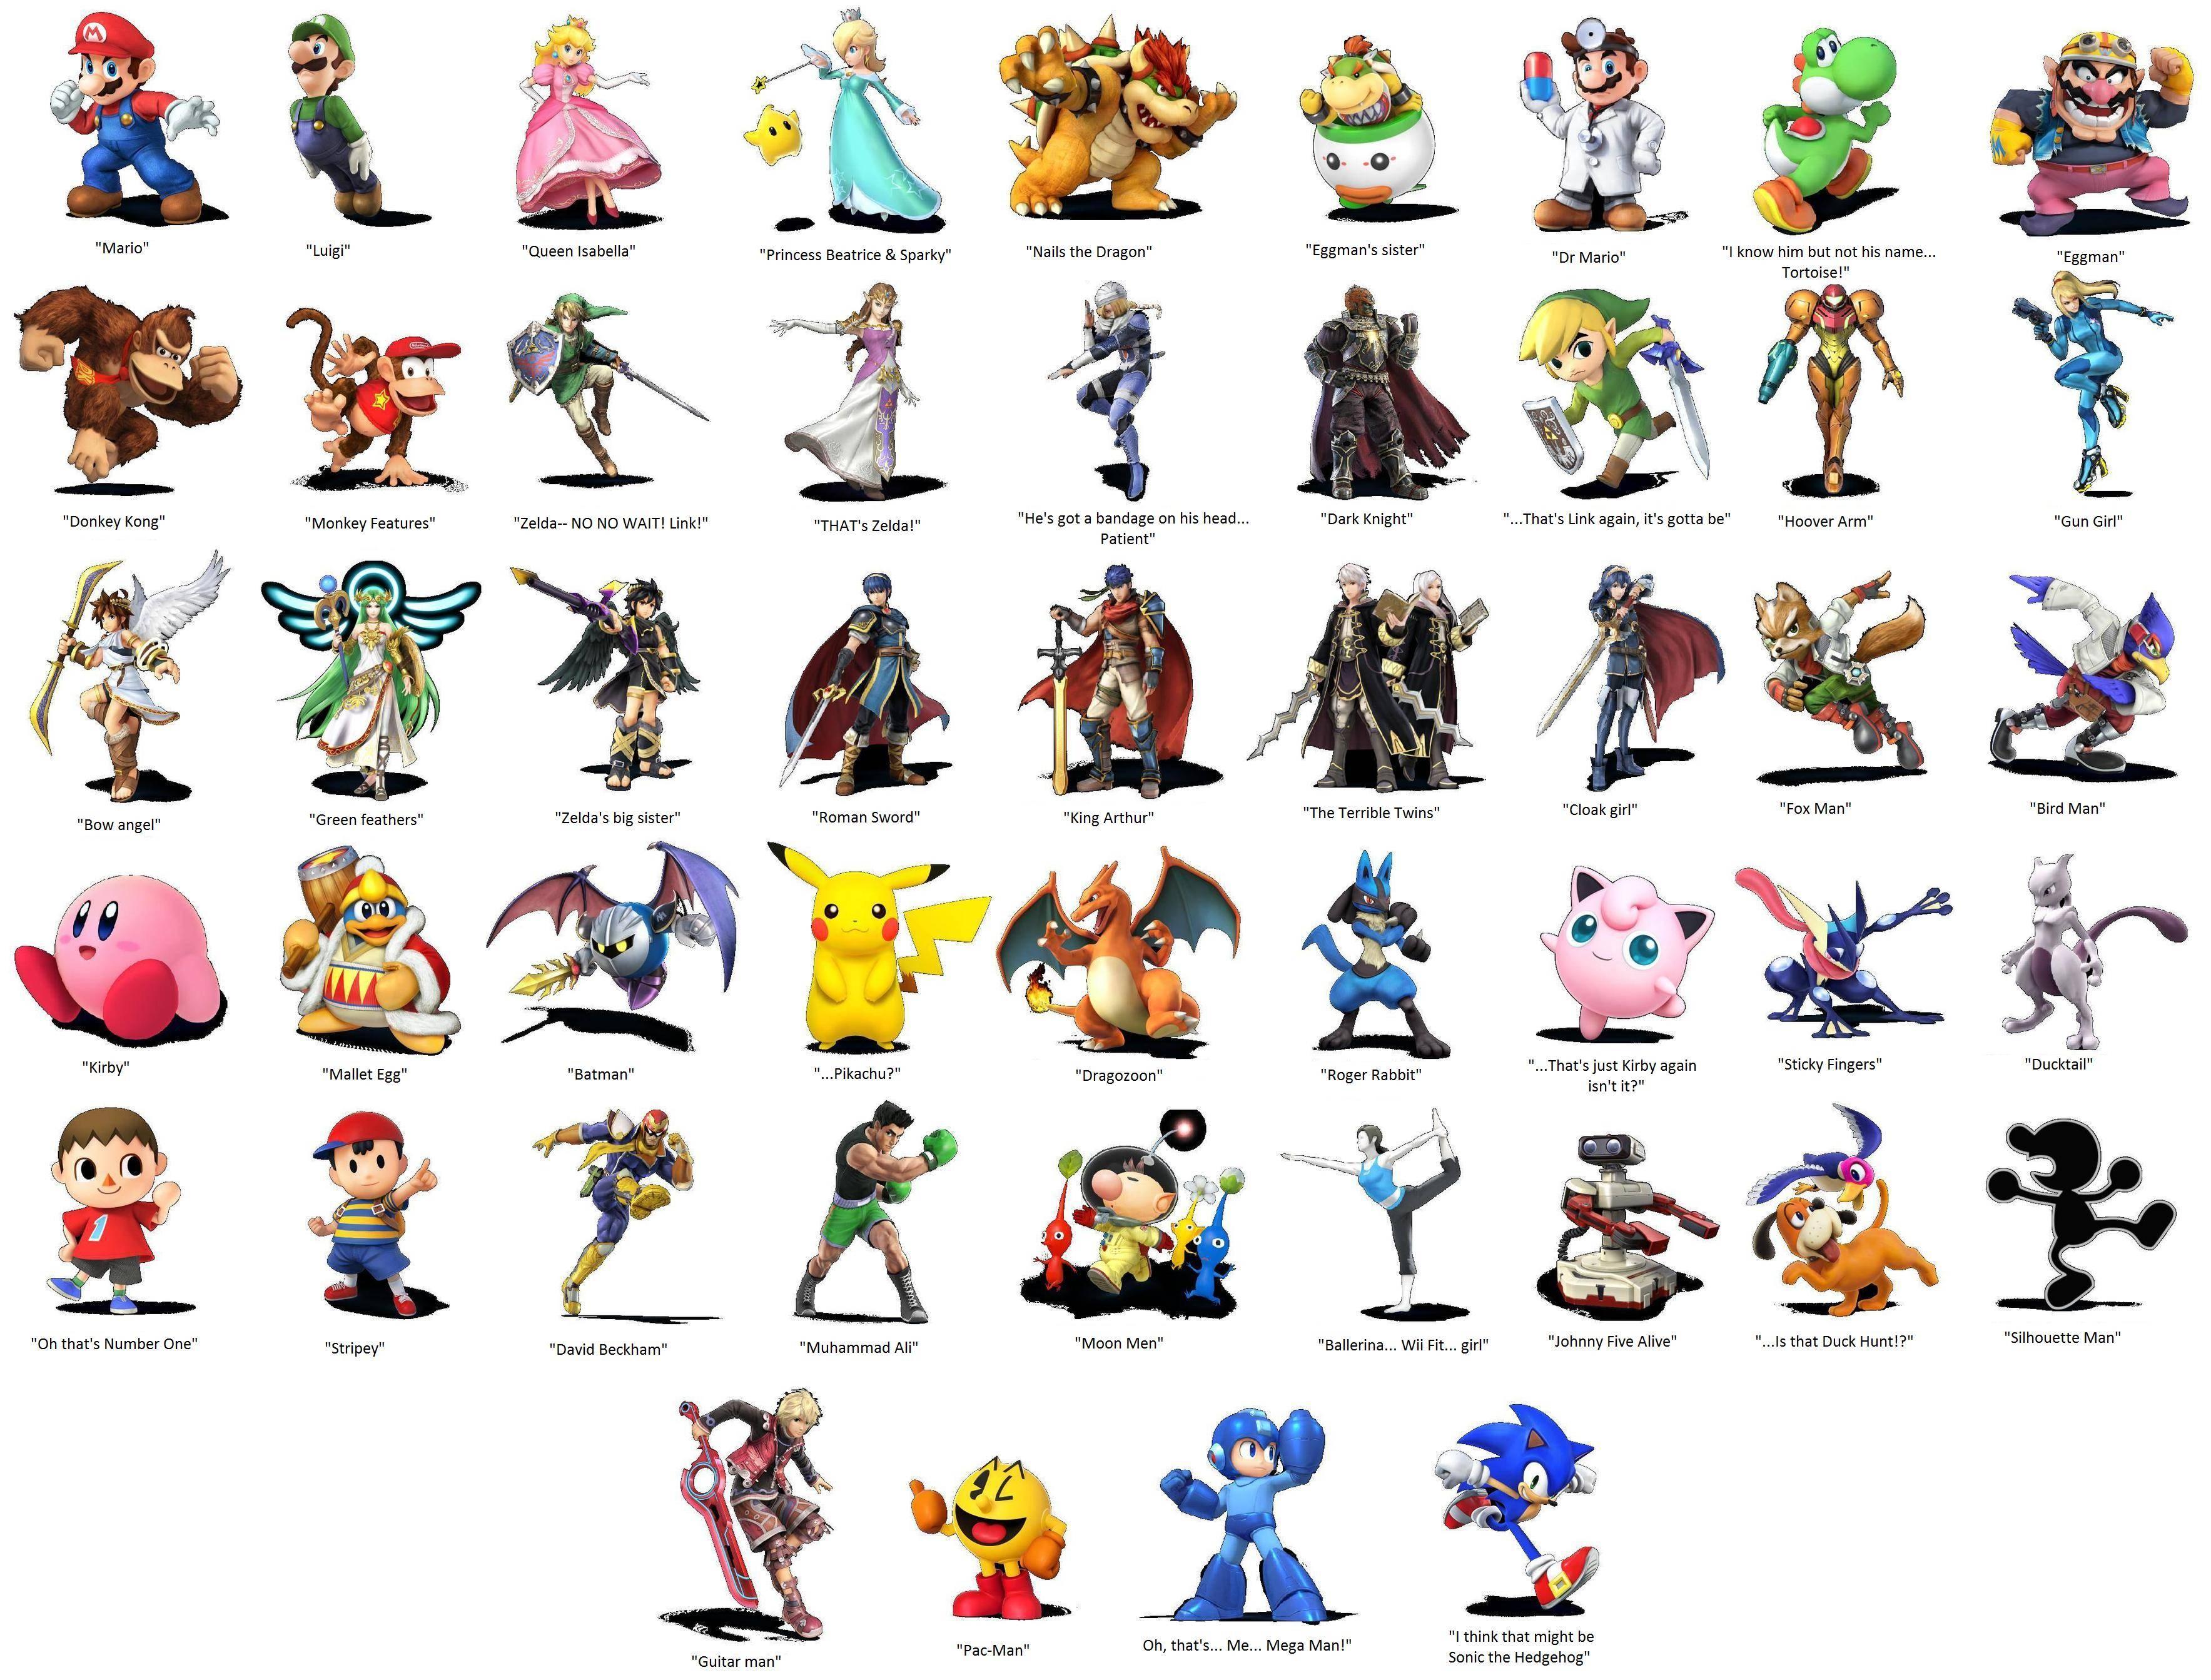 Como Dibujar Los Brawlers De Brawl Star En Hoja Cuadriculada: Super Smash Brothers